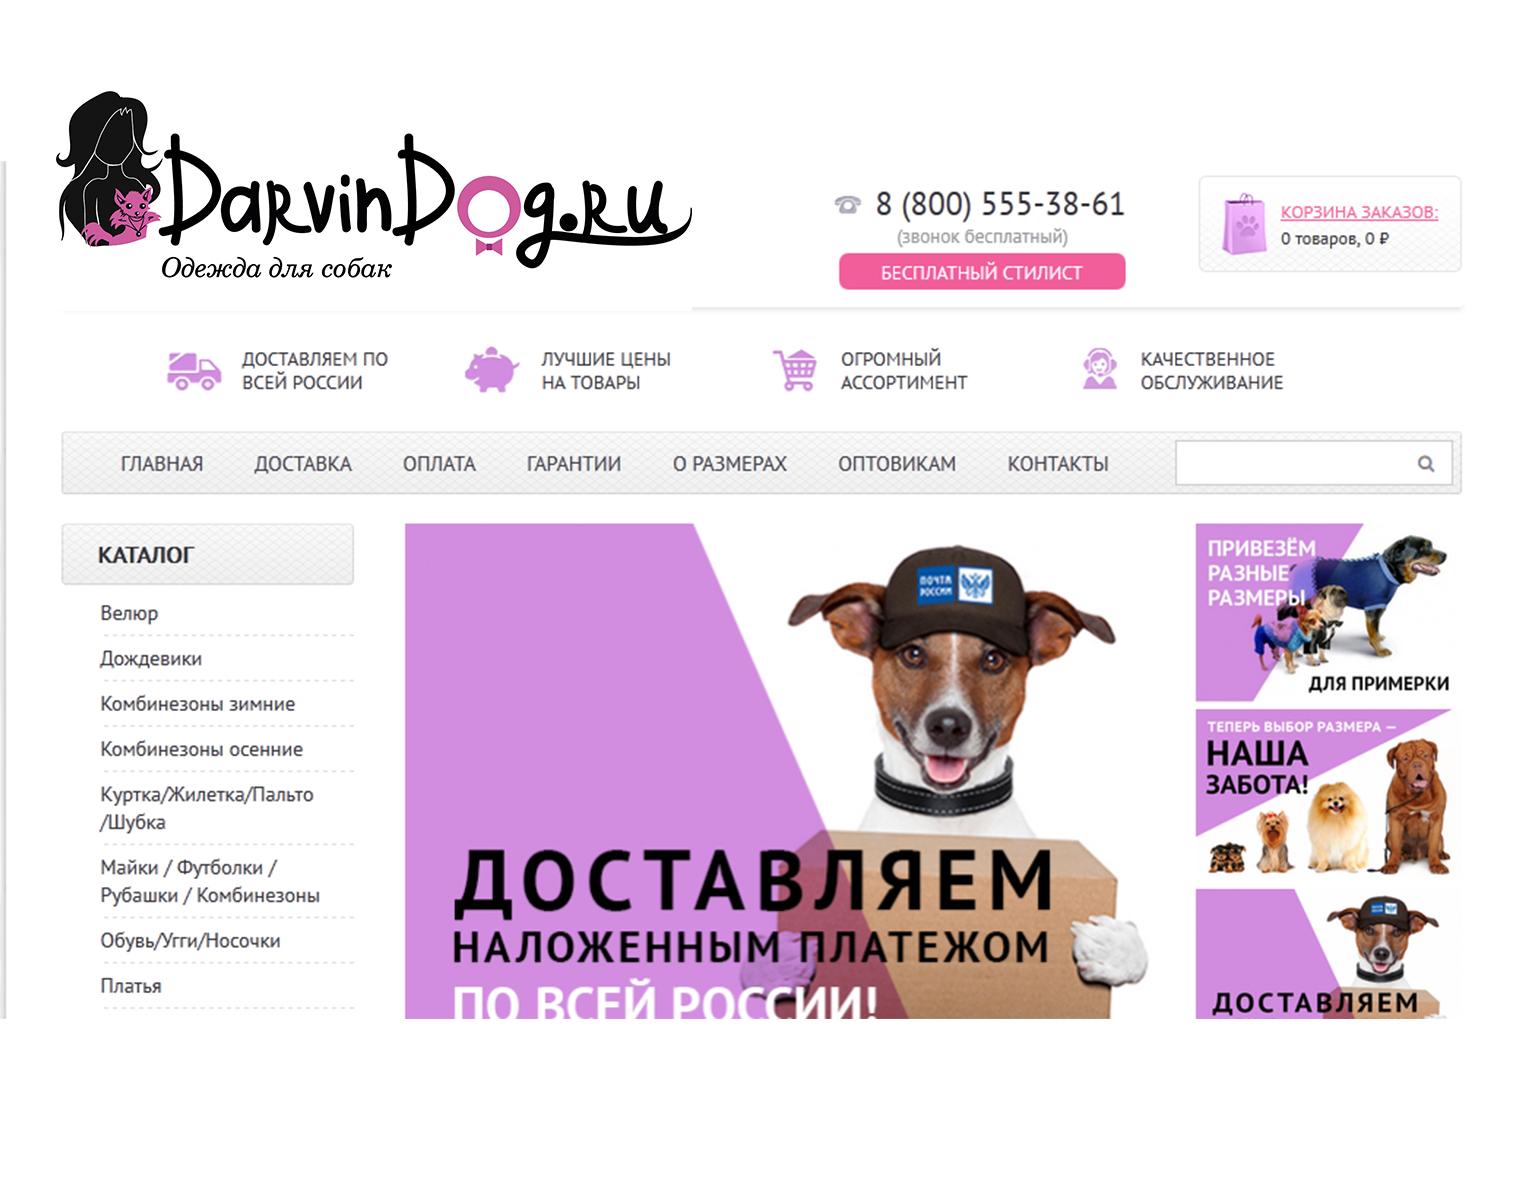 Создать логотип для интернет магазина одежды для собак фото f_2055651feac6766d.jpg